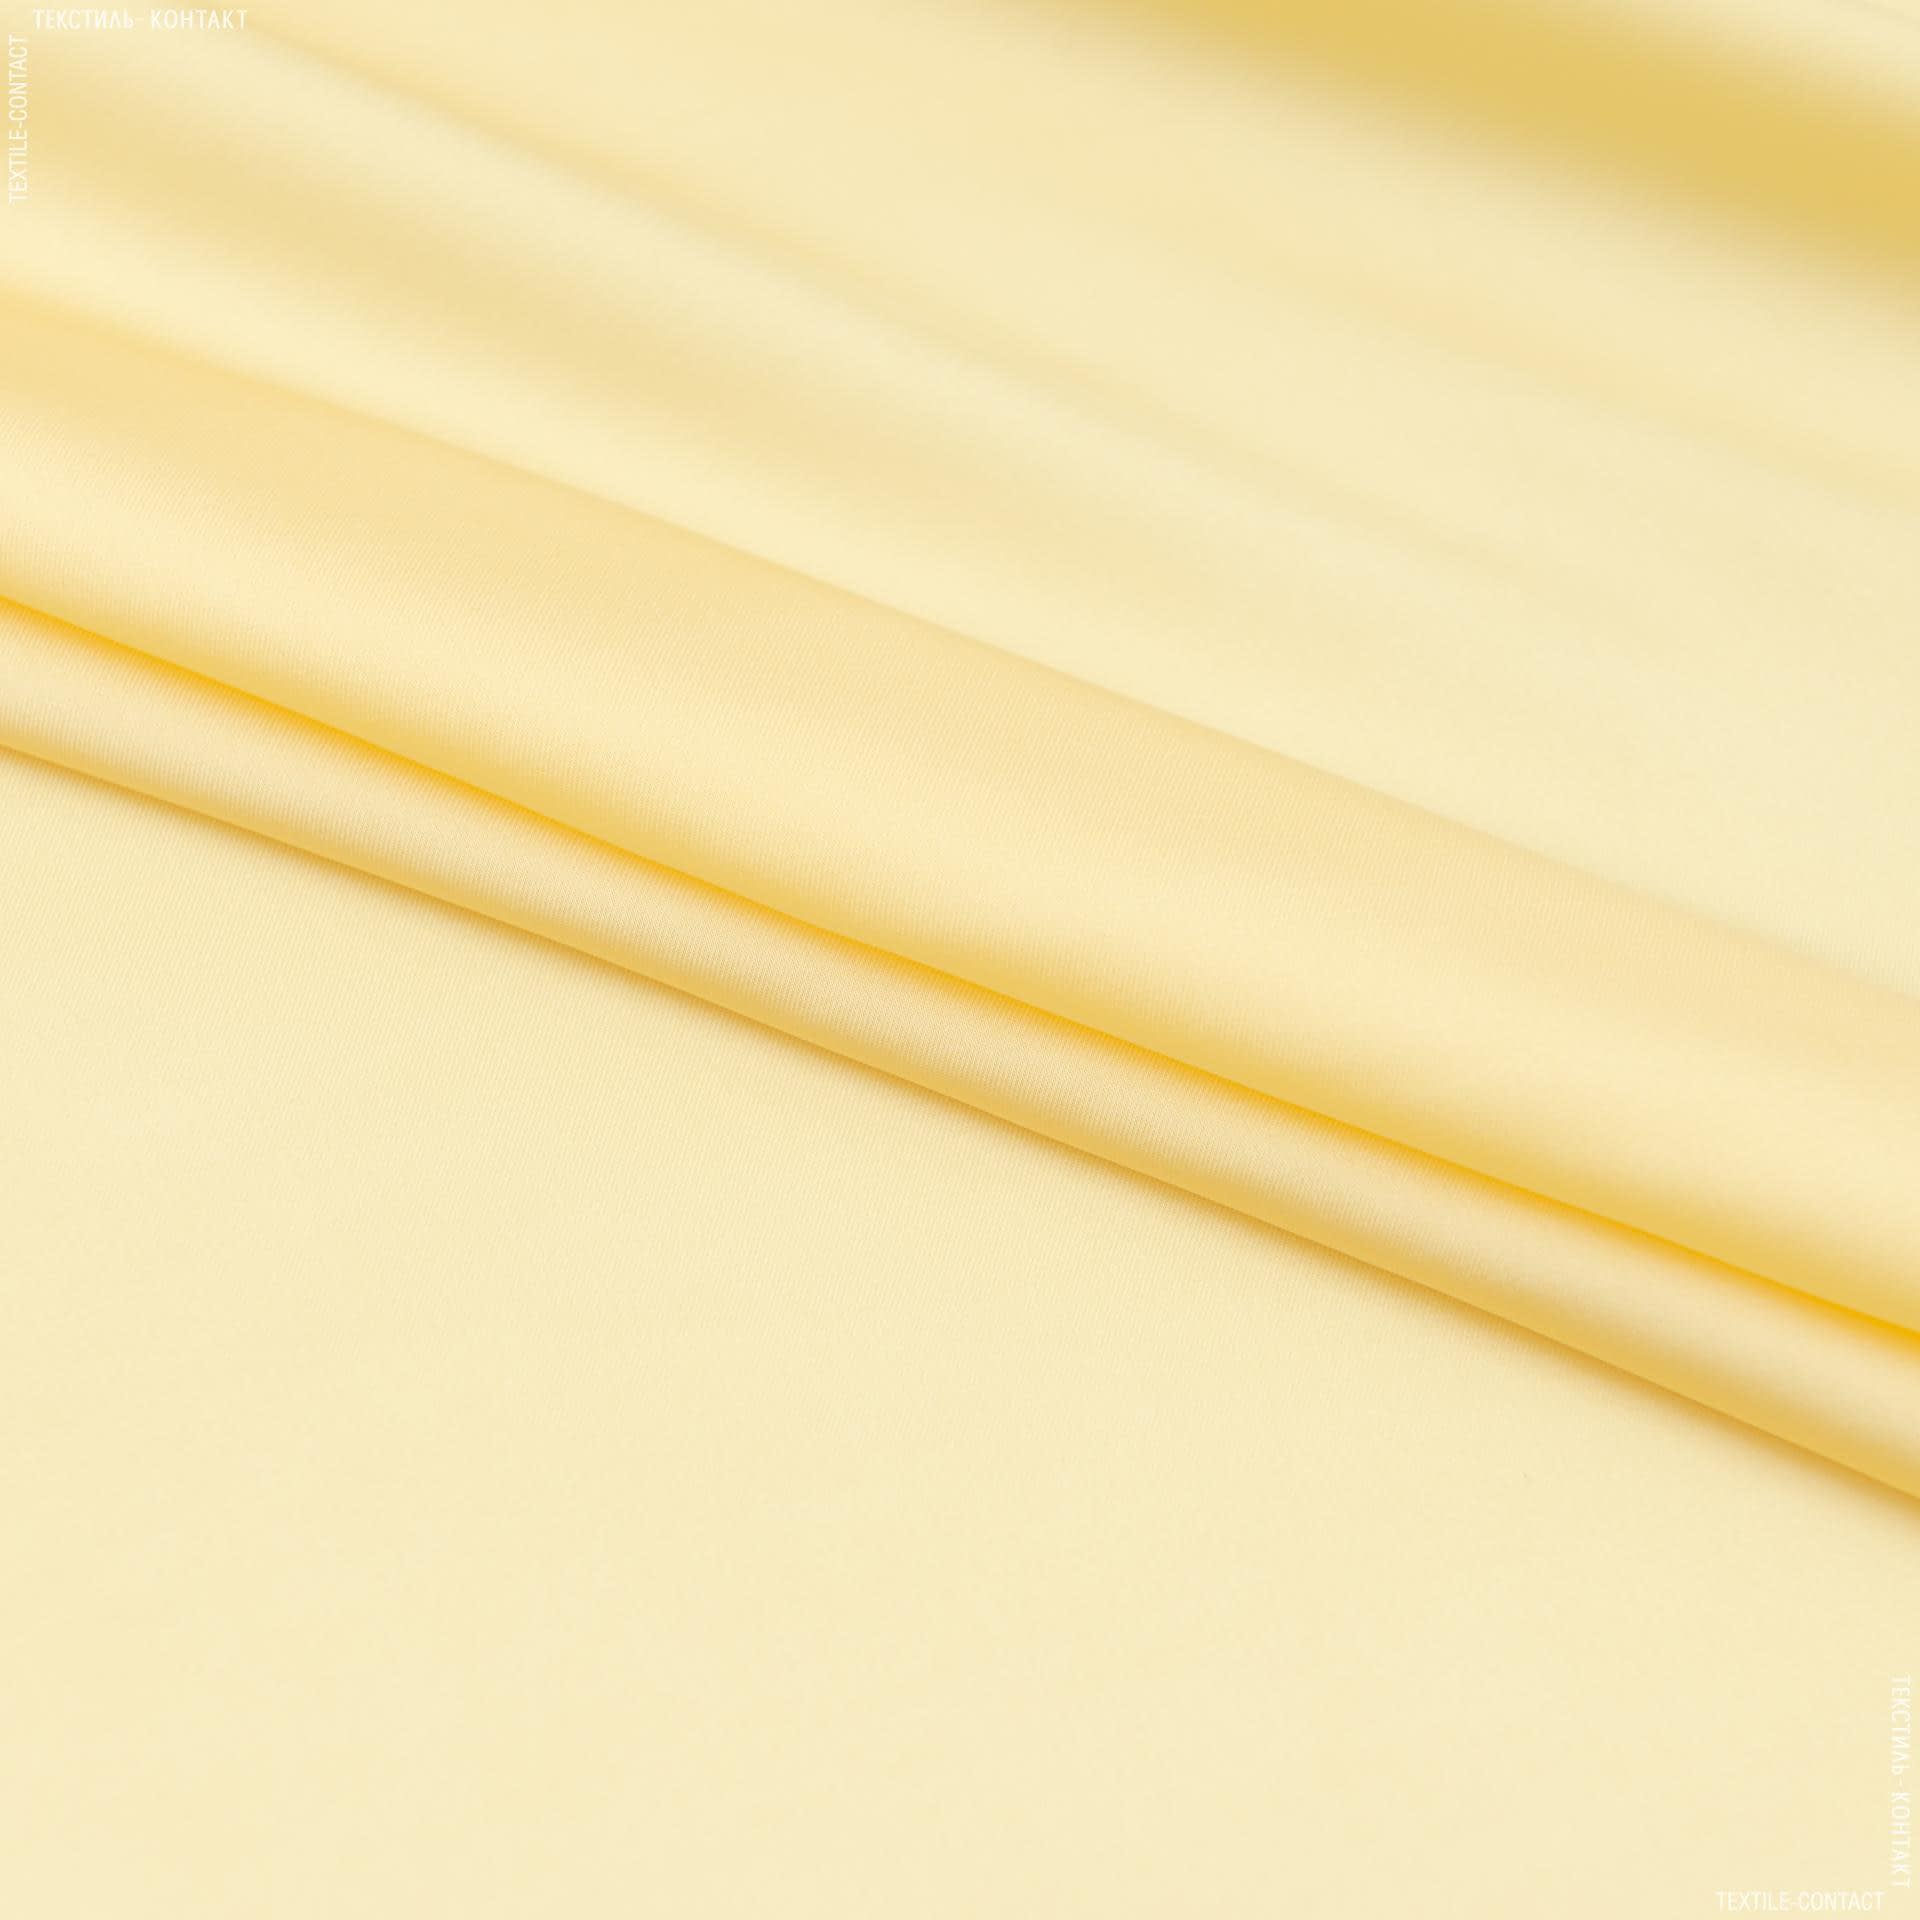 Ткани для платков и бандан - Шелк искусственный светло-желтый